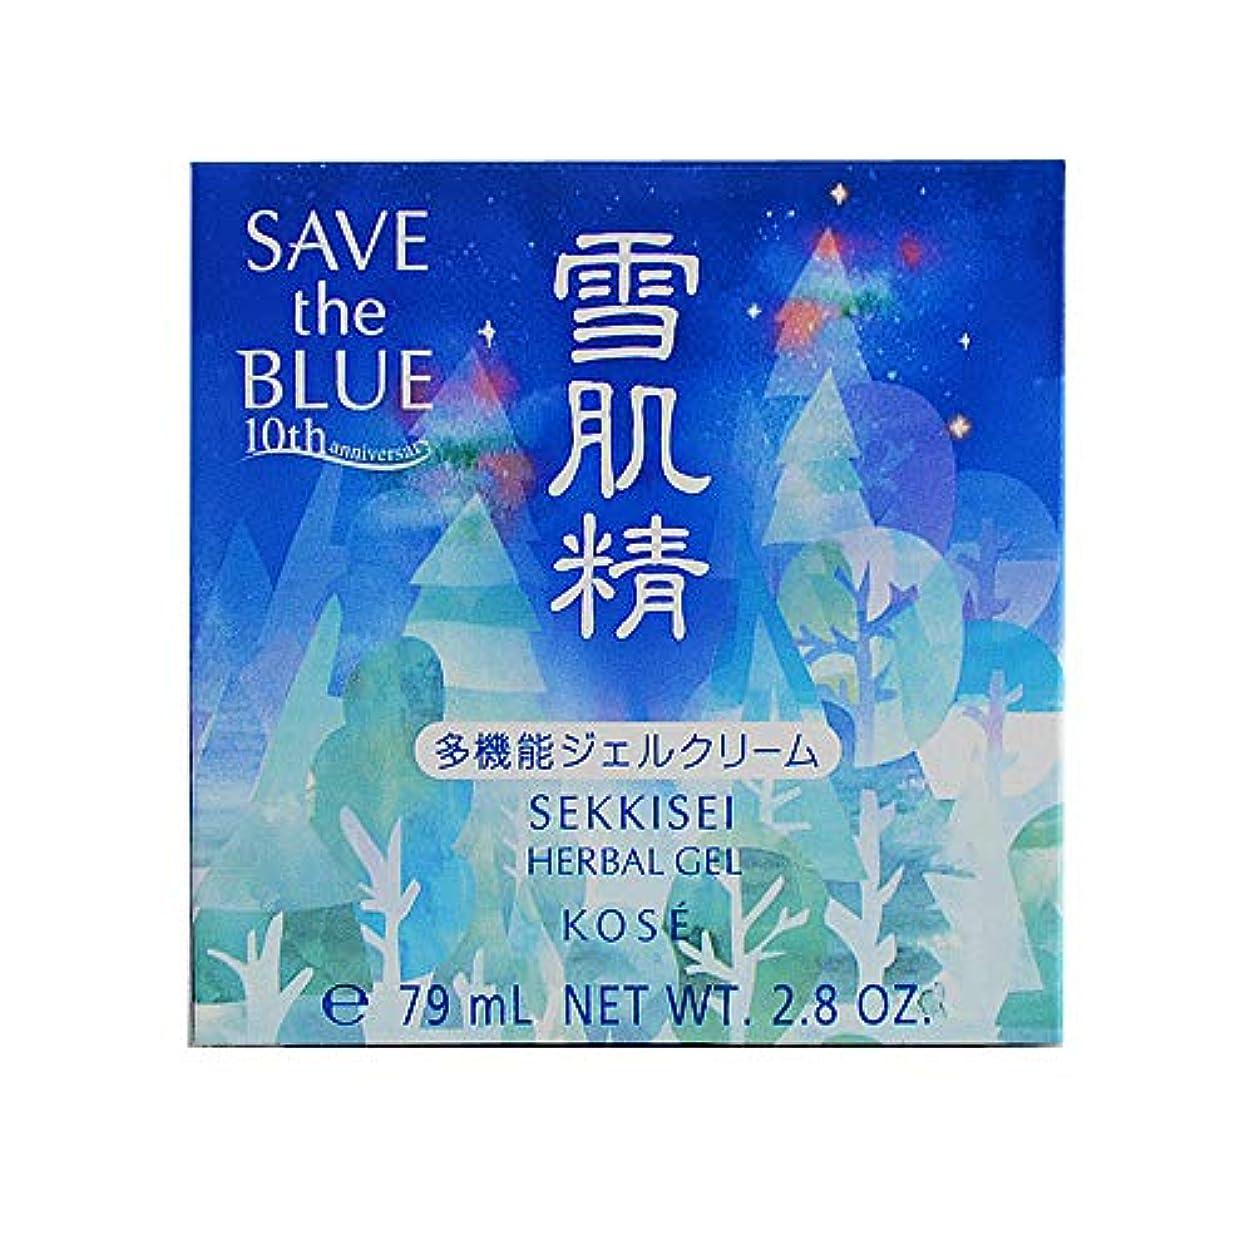 パンツミュートスカートコーセー 雪肌精 ハーバルジェル 80g (SAVE the BLUE) [ フェイスクリーム ] [並行輸入品]